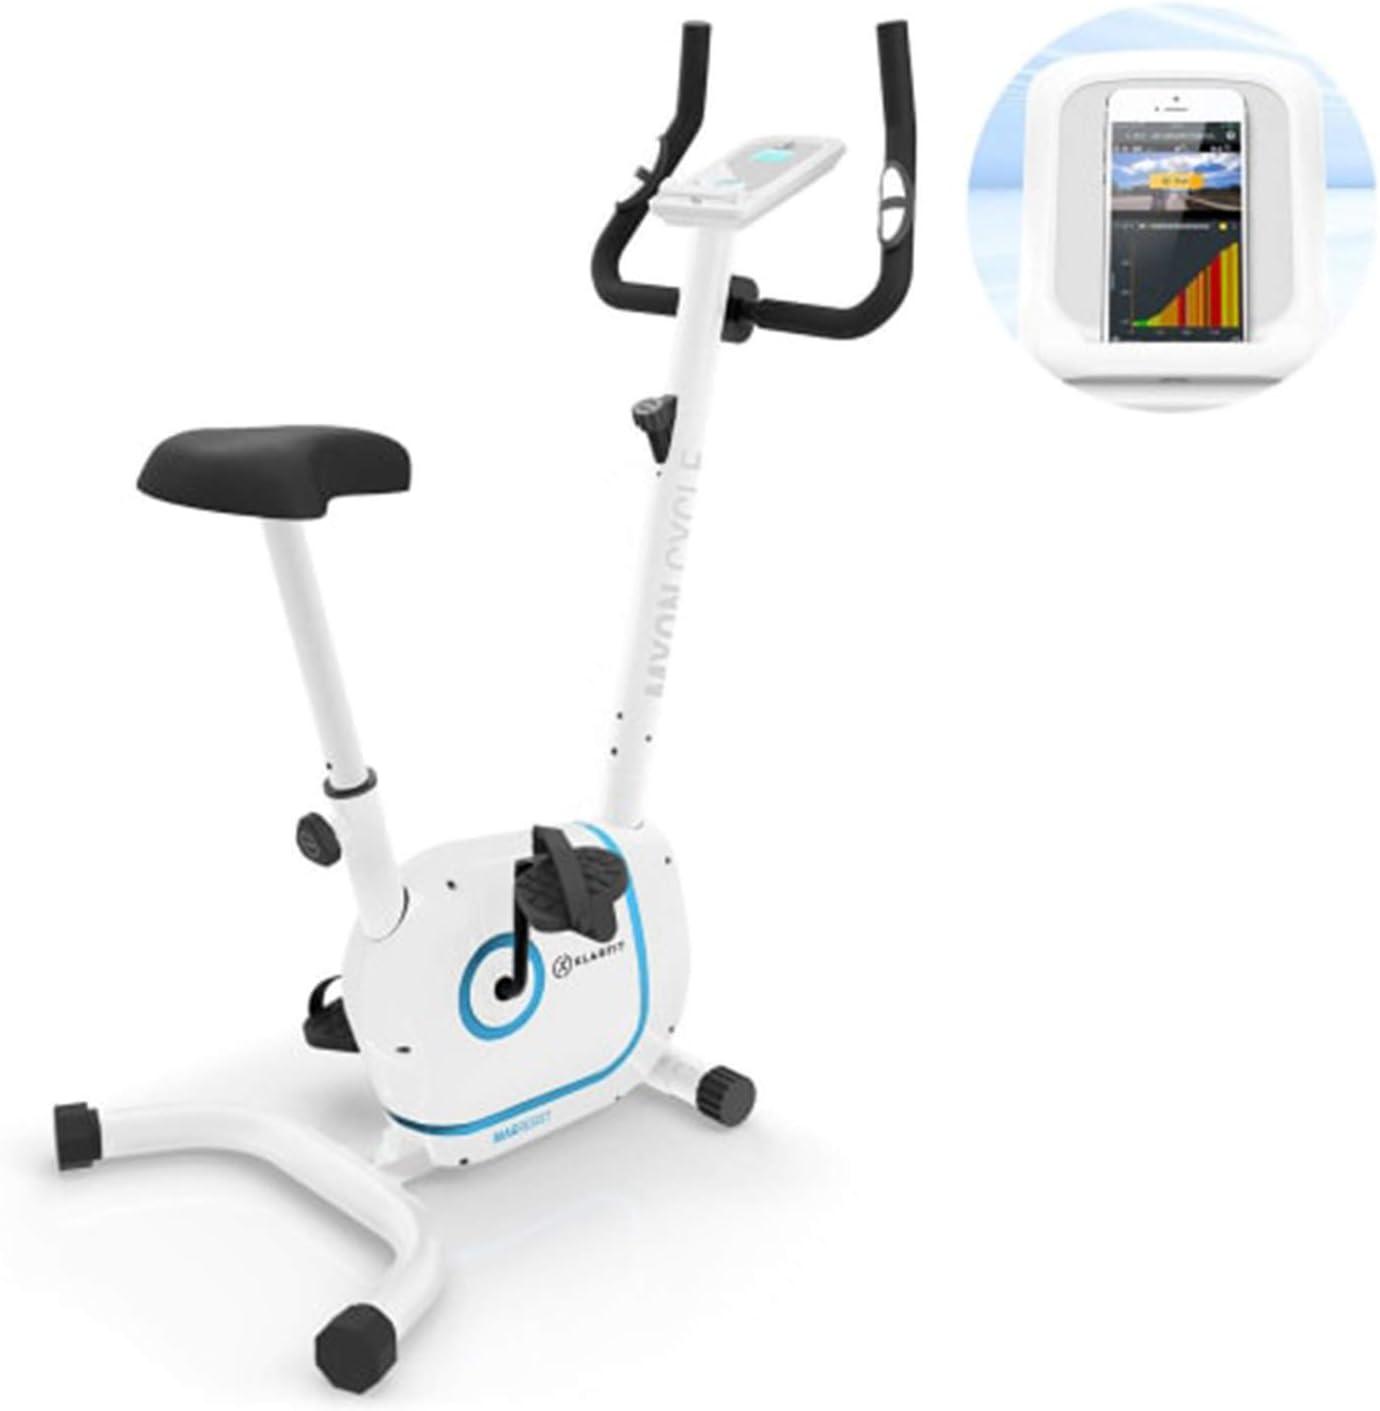 KLAR FIT Myon Cycle Bicicleta estática - Volante de inercia de 12kg, Tracción por Correa con tecnología Silent Belt, 8 Niveles, Pulsómetro, Altura Regulable, Soporte para Tablet